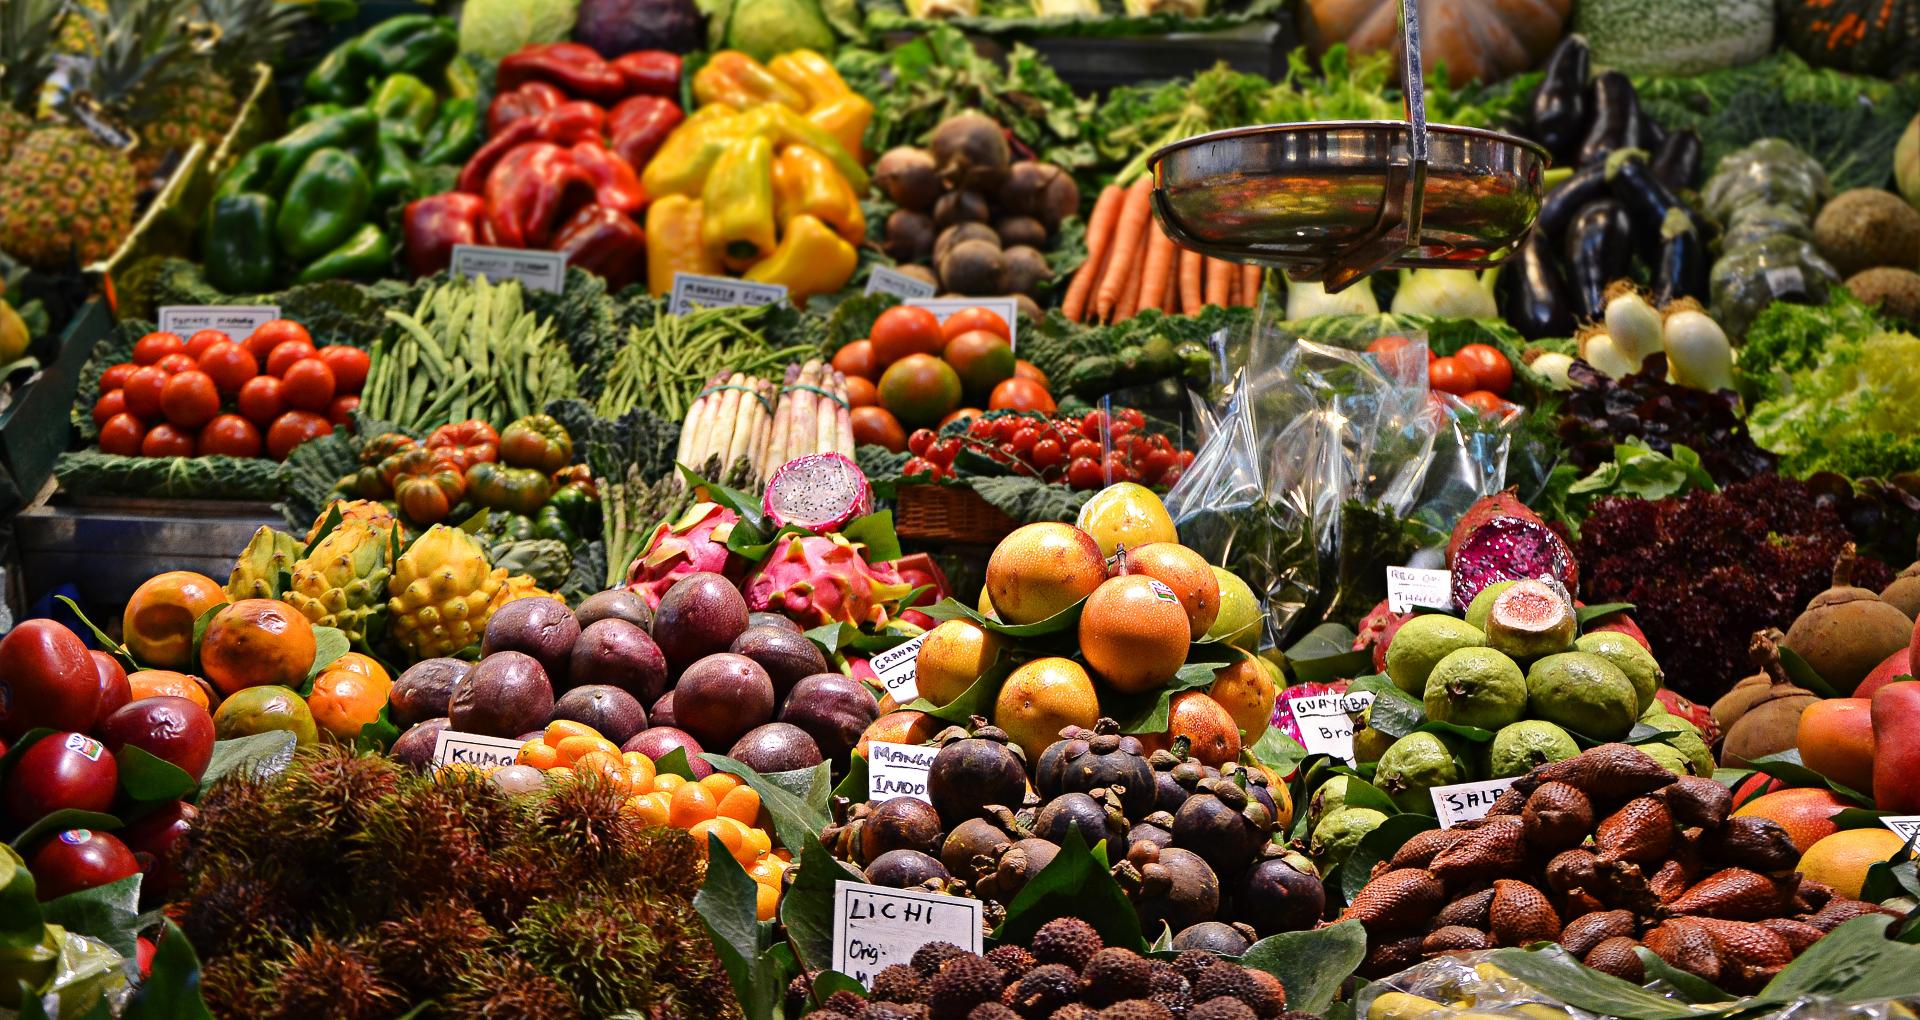 Markt, Früchte, Obst